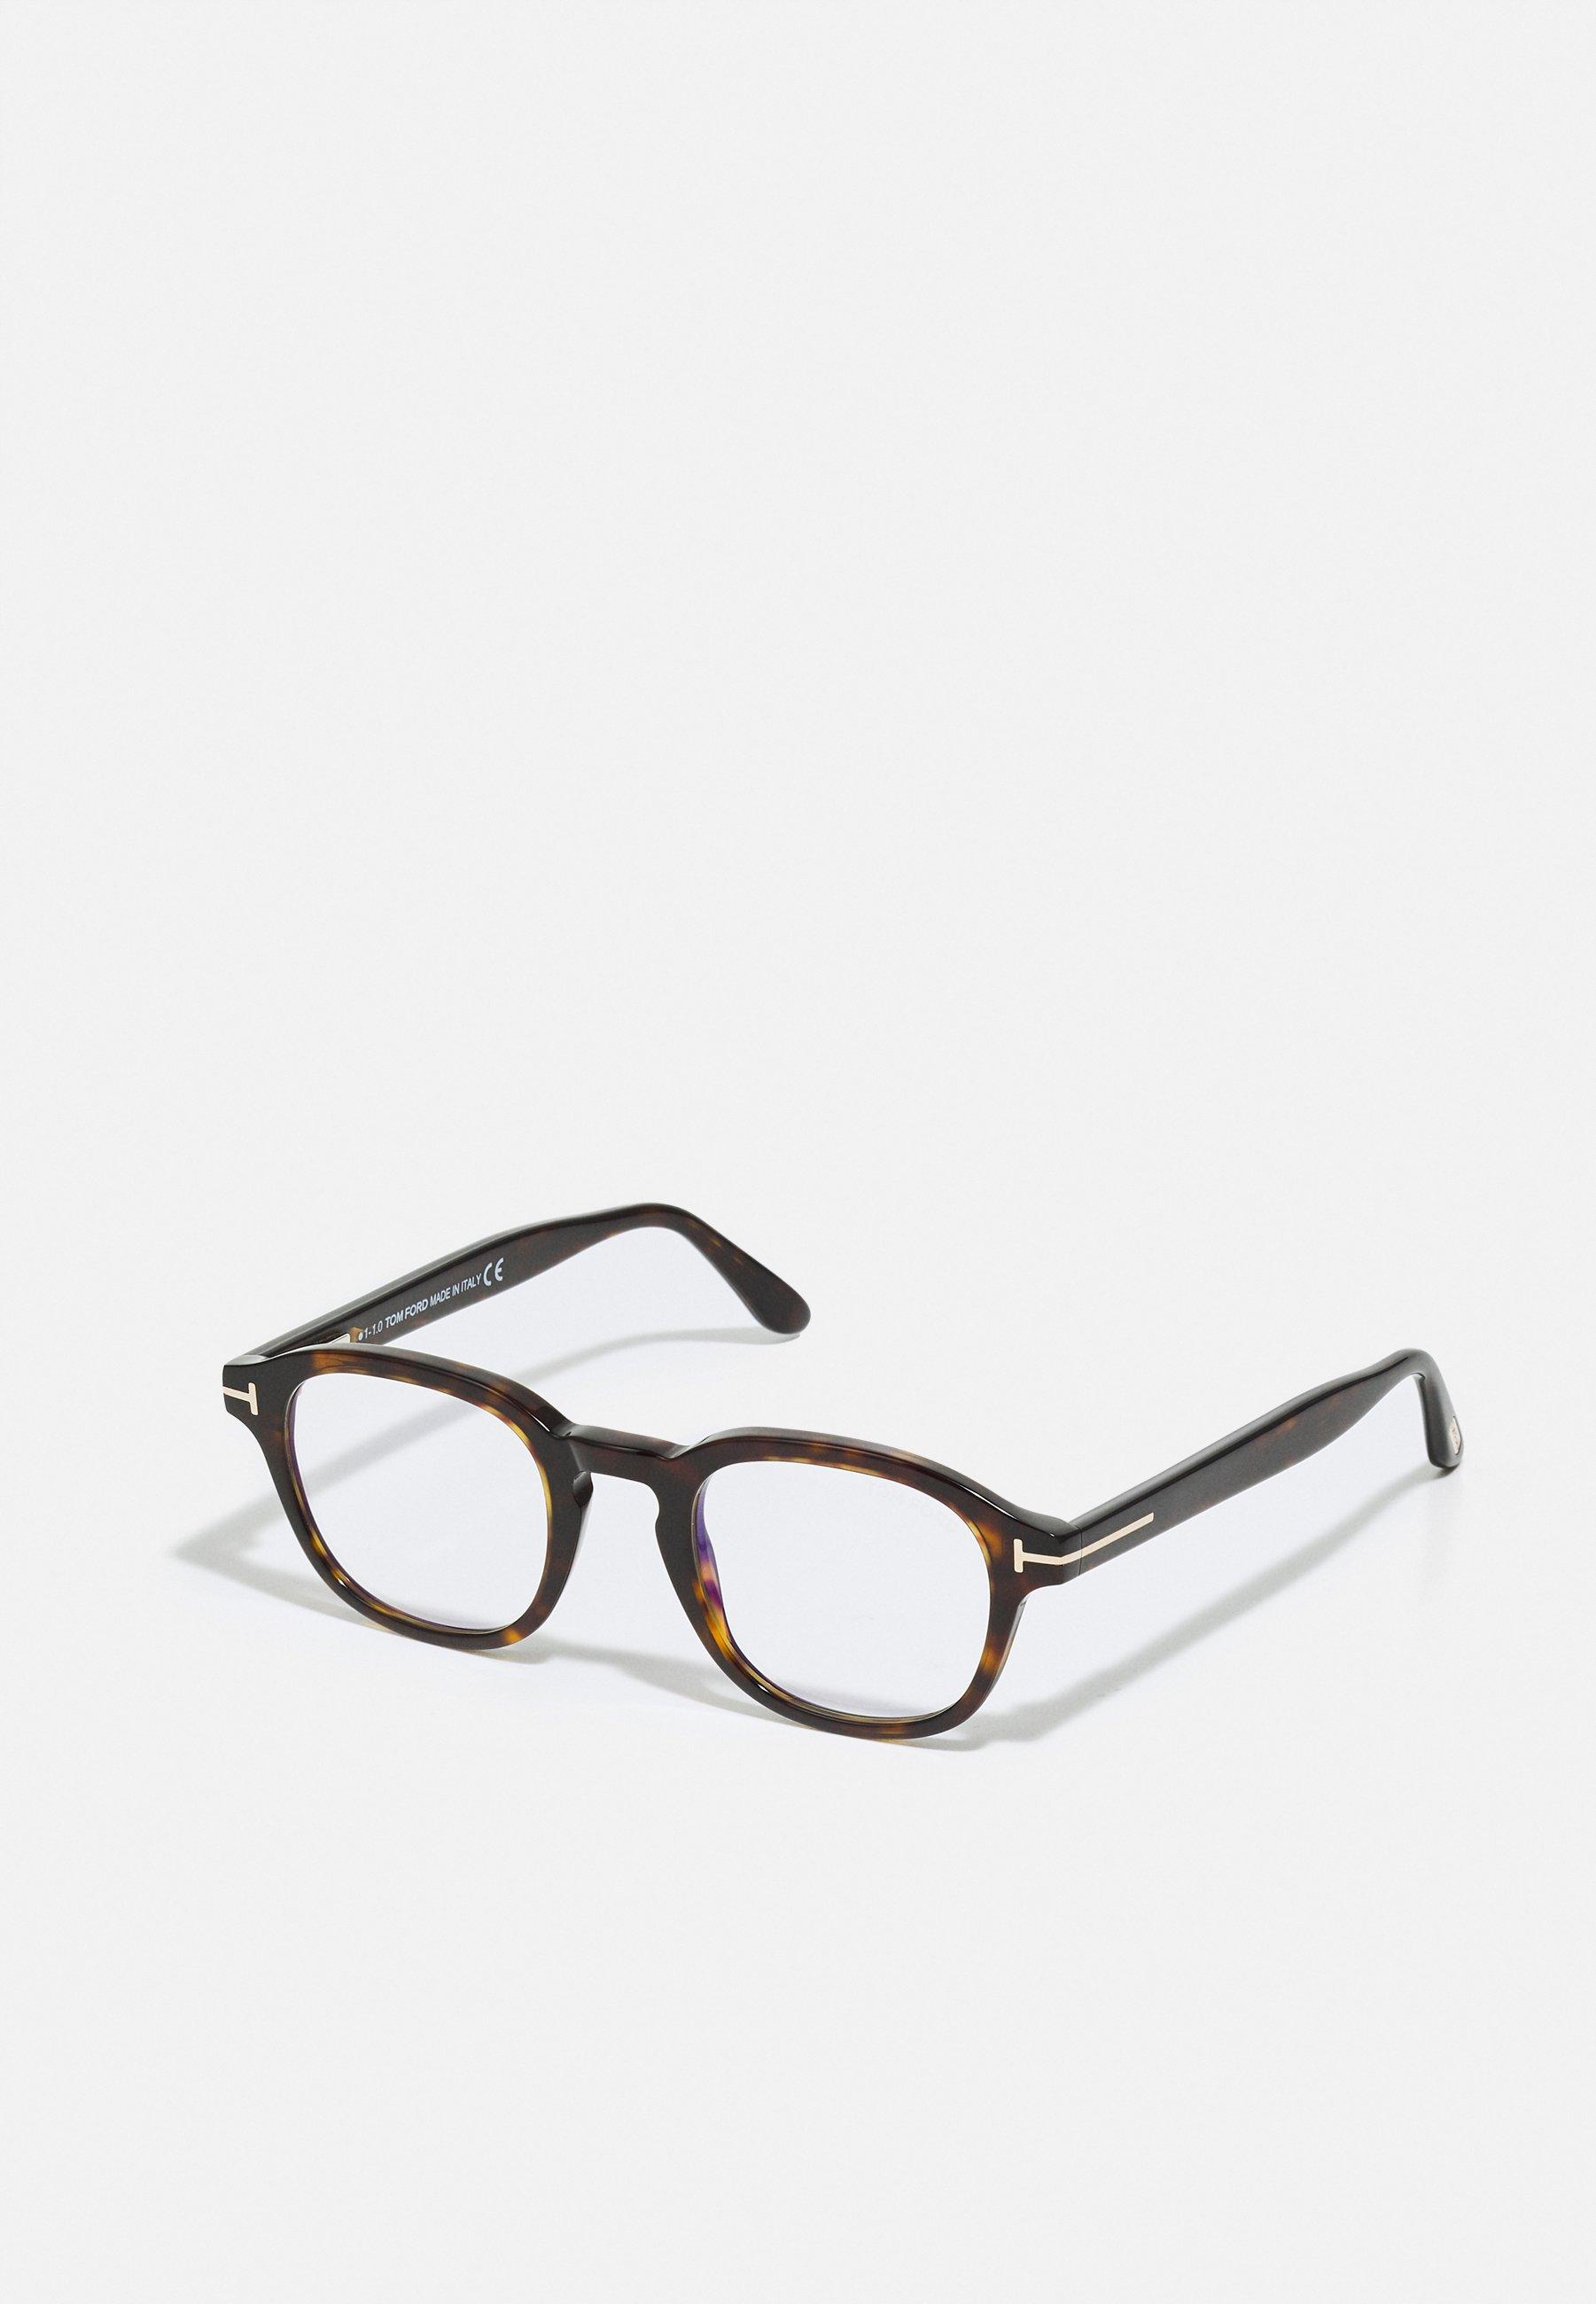 Women UNISEX BLUE LIGHT GLASSES - Blue light glasses